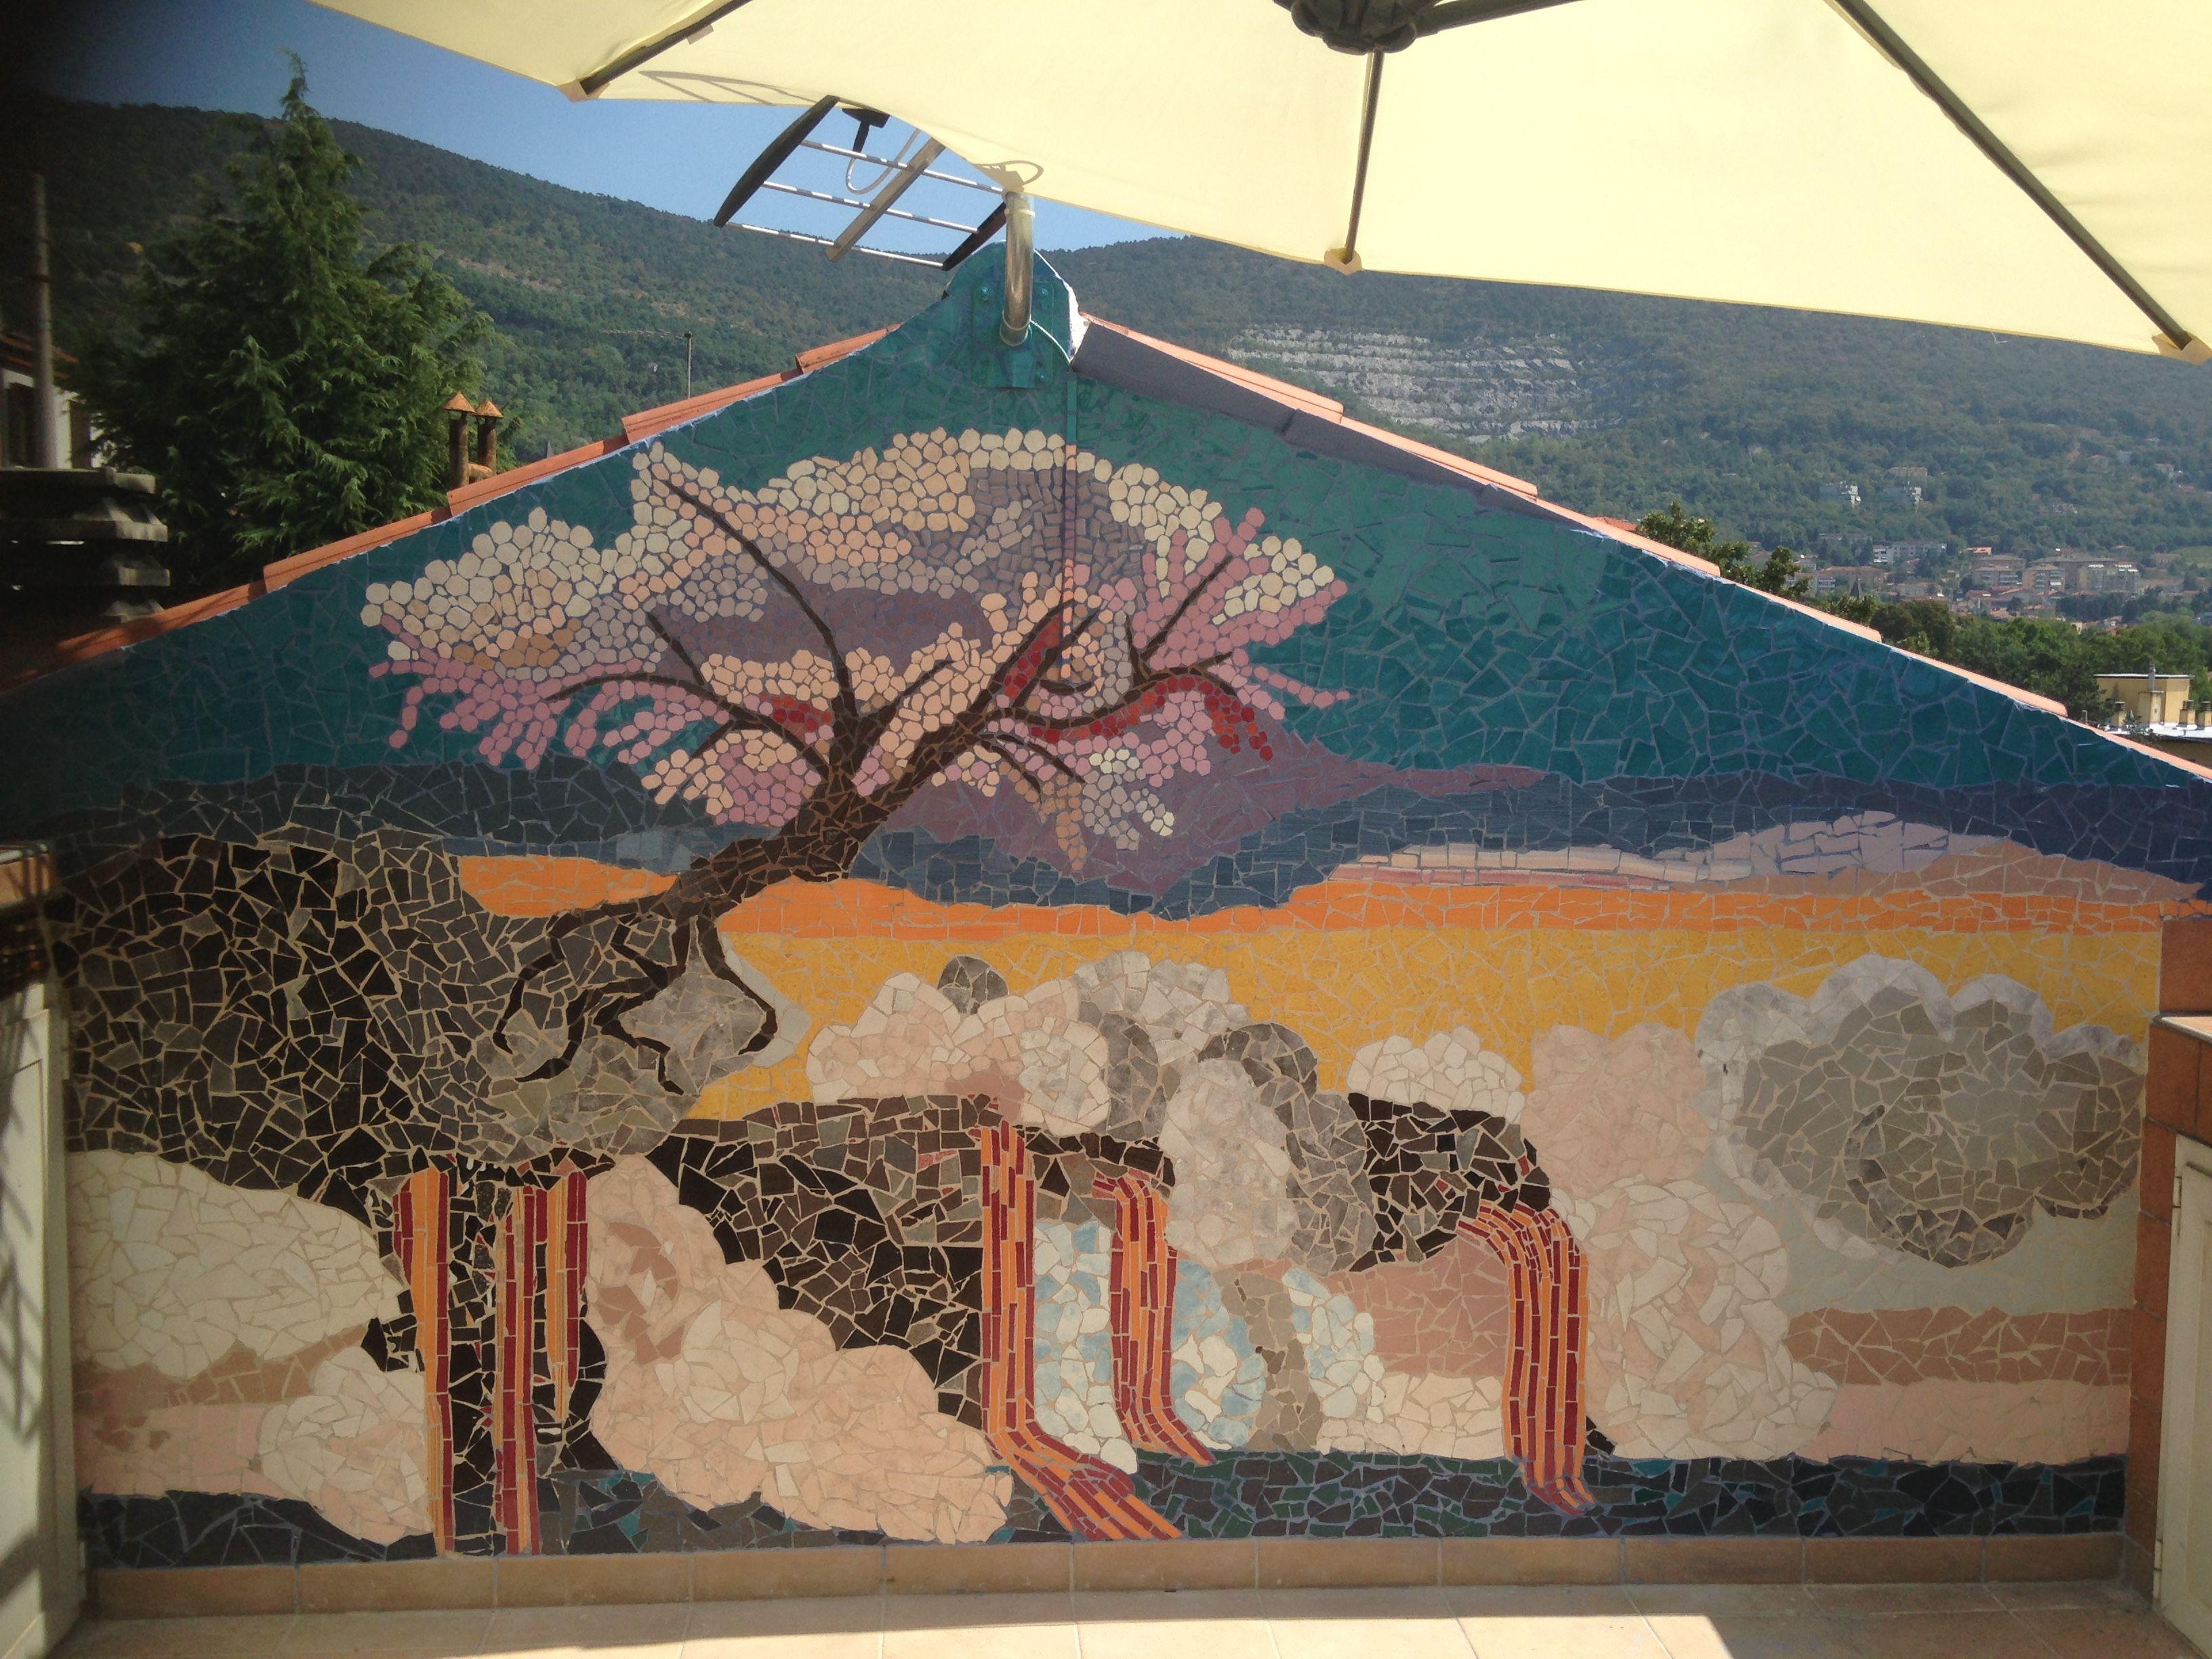 Mosaico fatto con piastrelle rotte: come fare un mosaico con delle